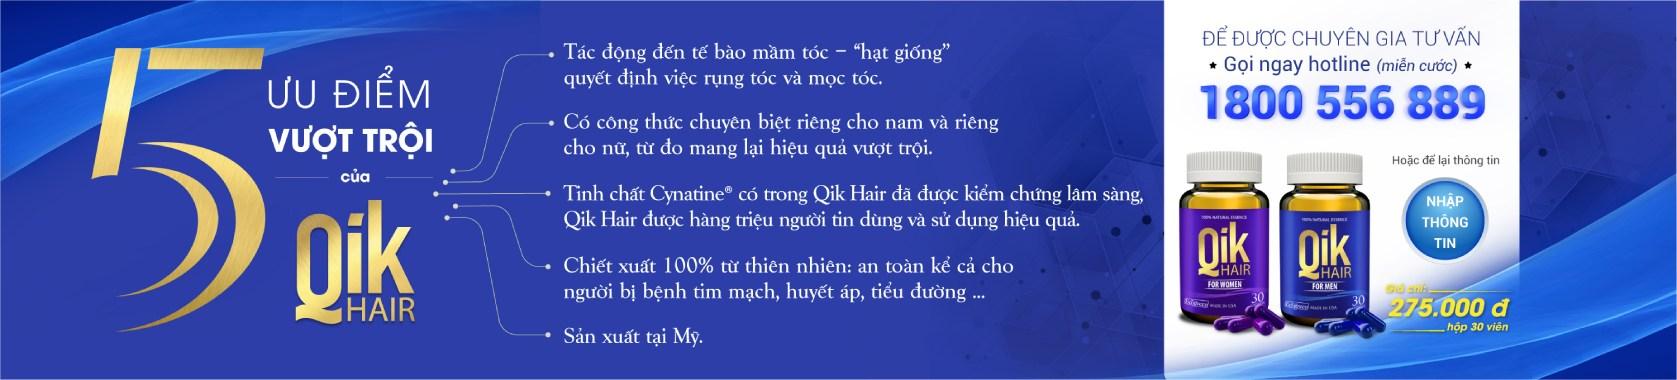 ưu điểm của qik hair pc